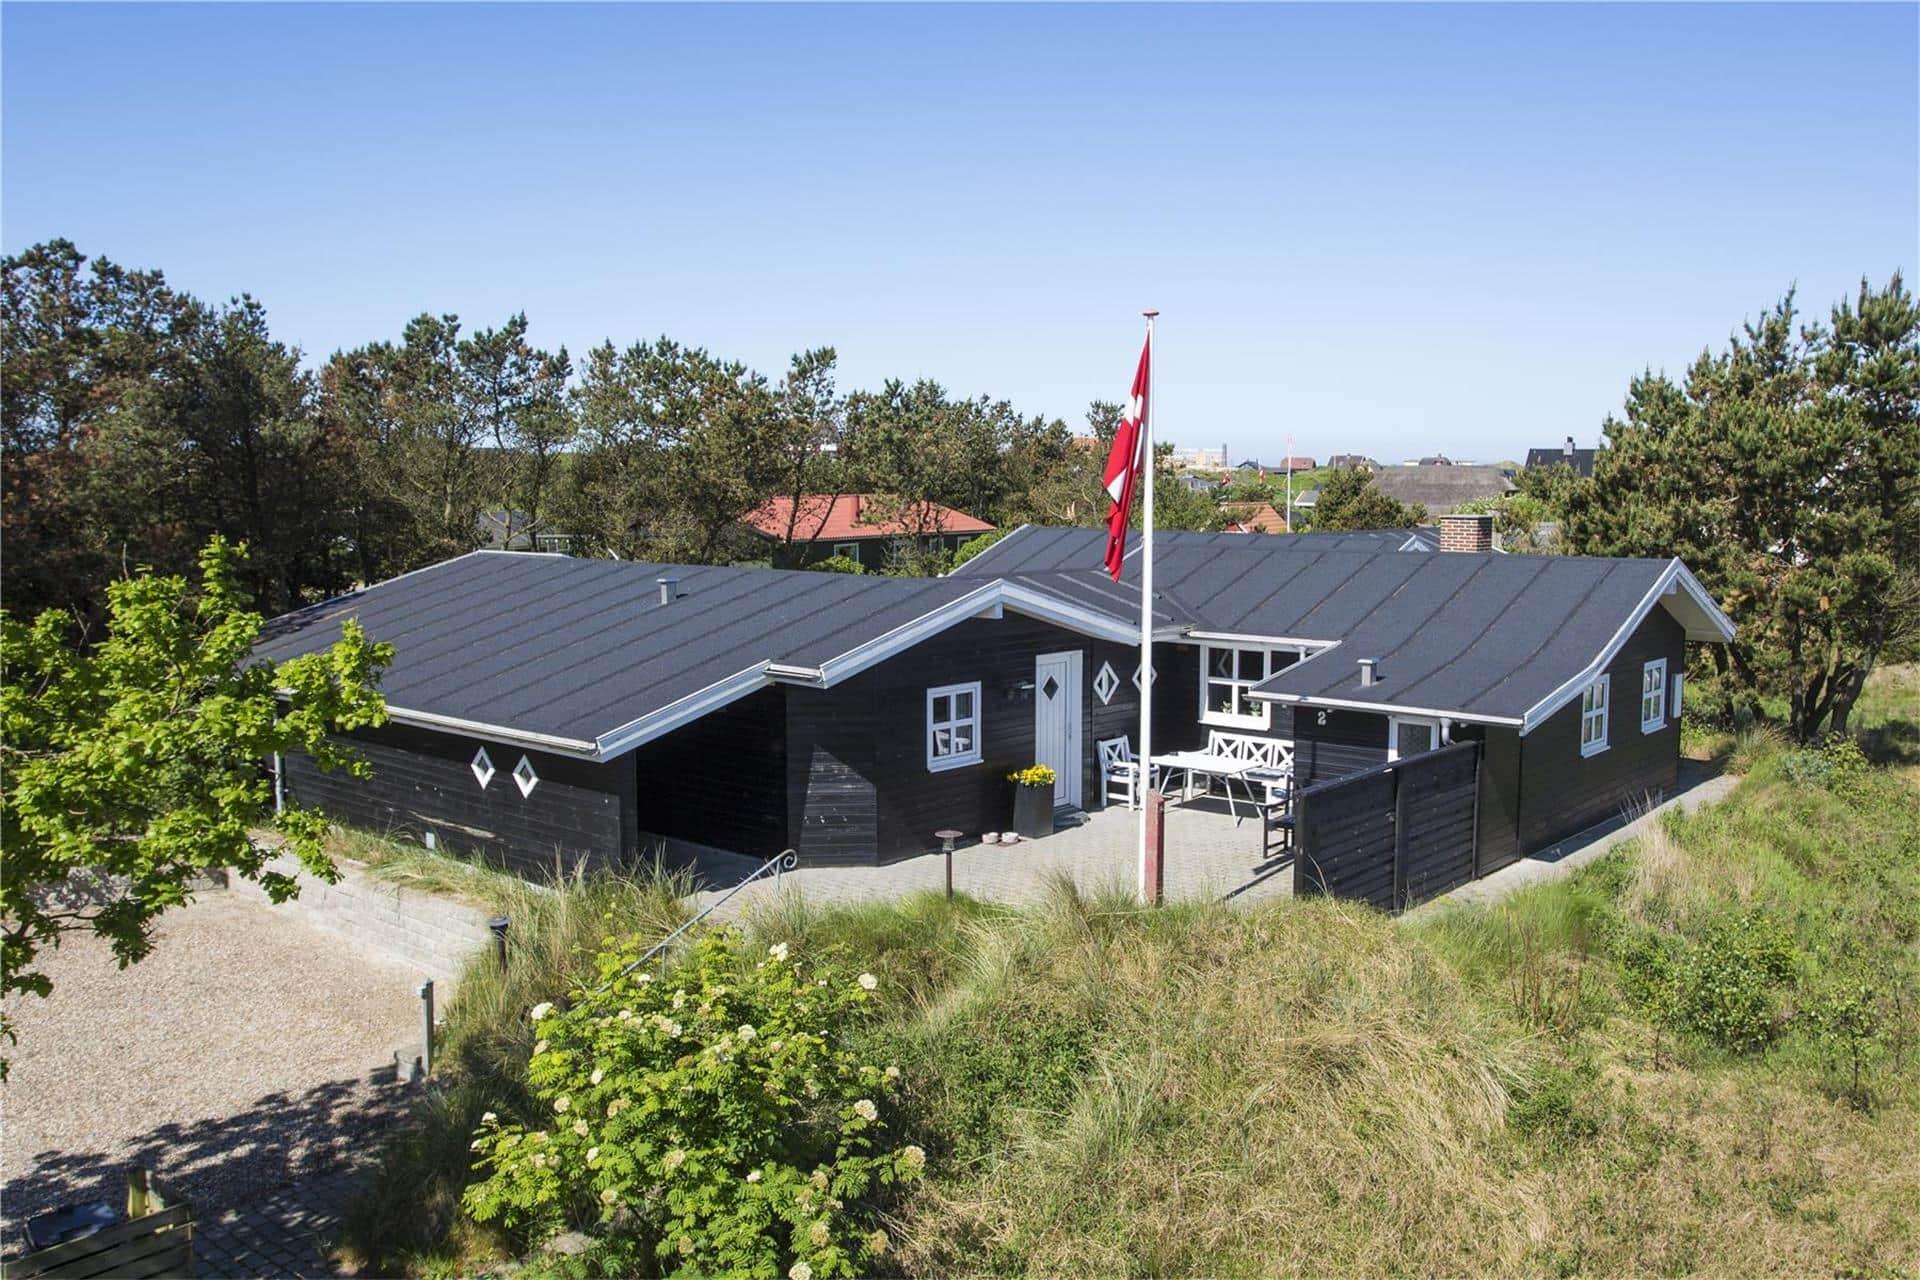 Afbeelding 1-125 Vakantiehuis 2143, Frytlevej 2, DK - 6854 Henne